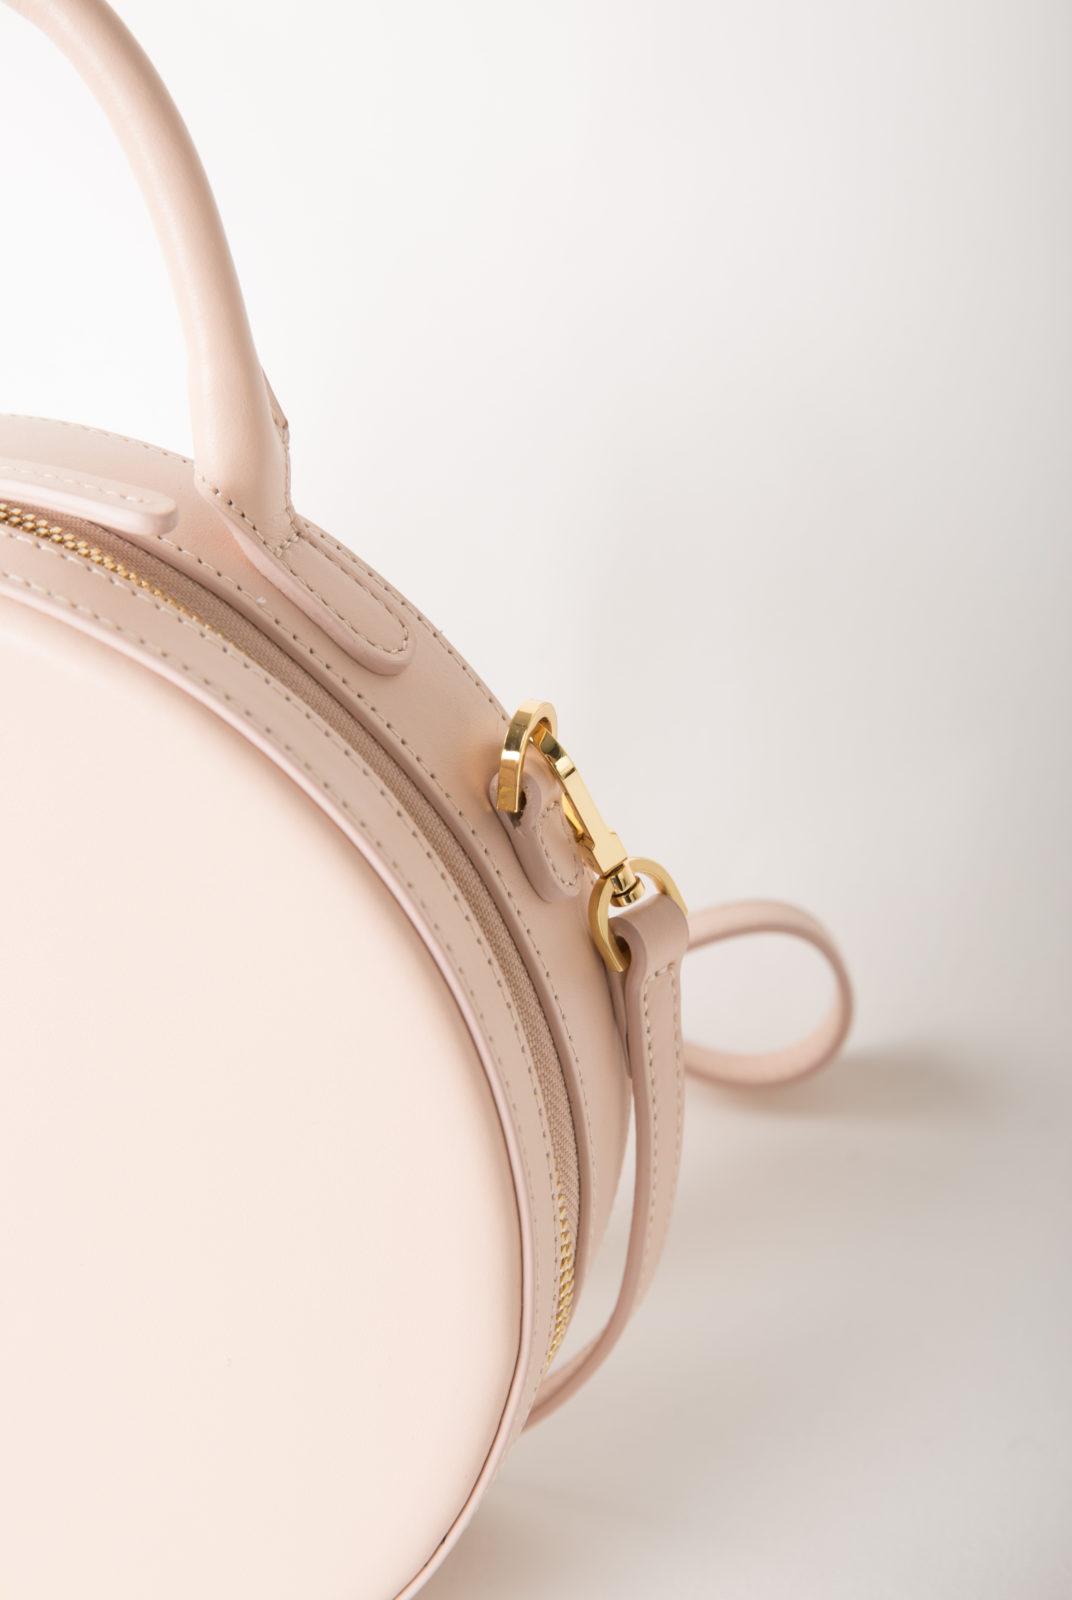 Sac cercle rose clair en cuir de veau italien avec intérieur en daim rose clair. Deux poches intérieures et fermeture à glissière. Fabriqué en Italie.